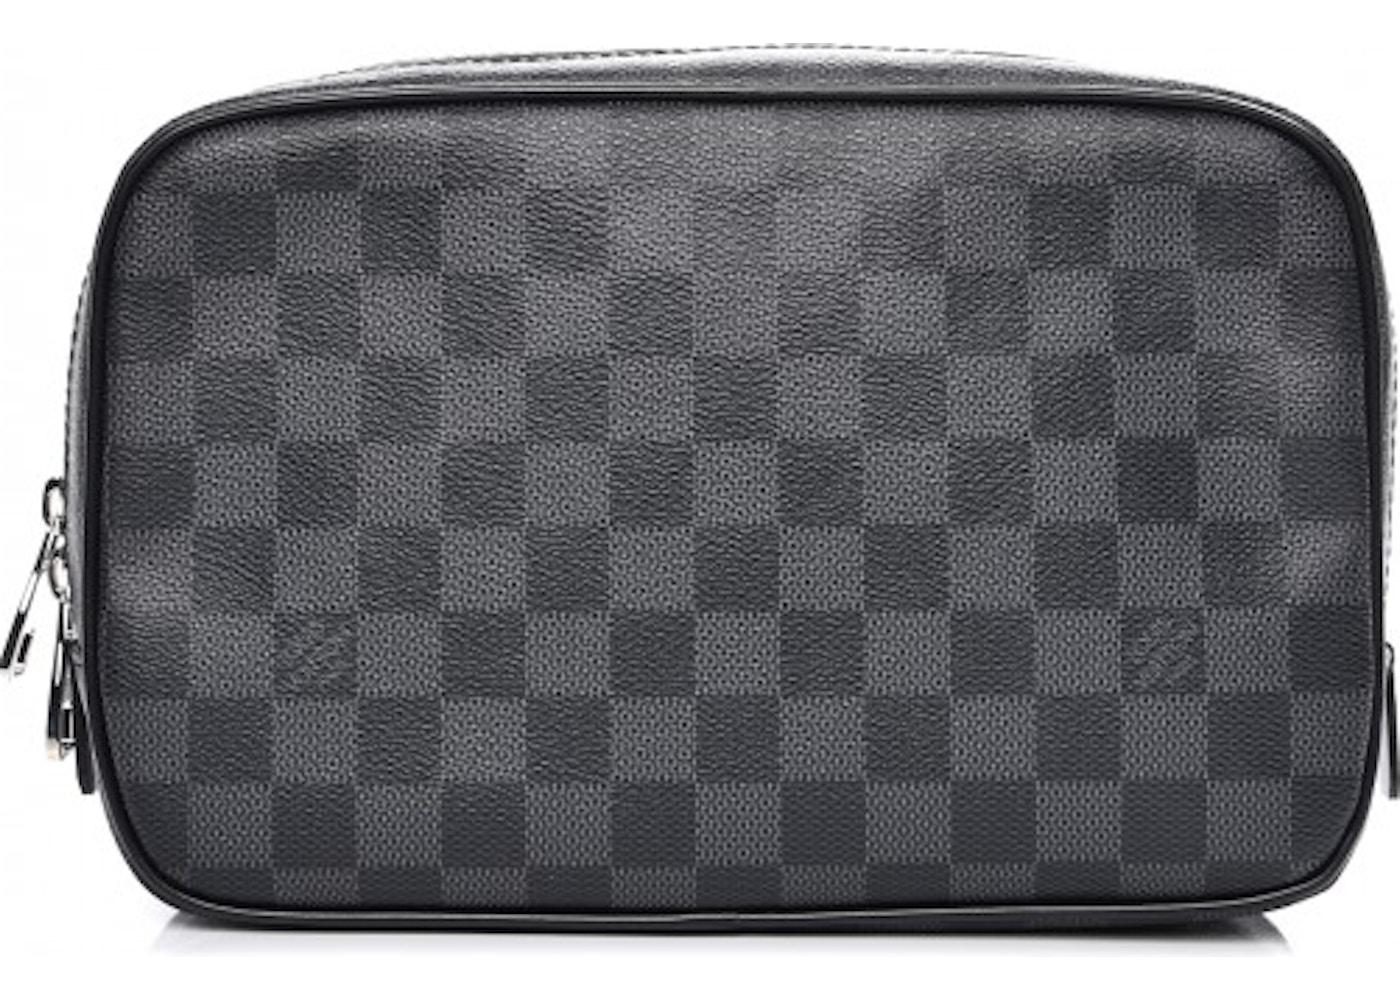 9633d8231c63 Louis Vuitton Toiletry Bag Damier Graphite GM Black. Damier Graphite GM  Black